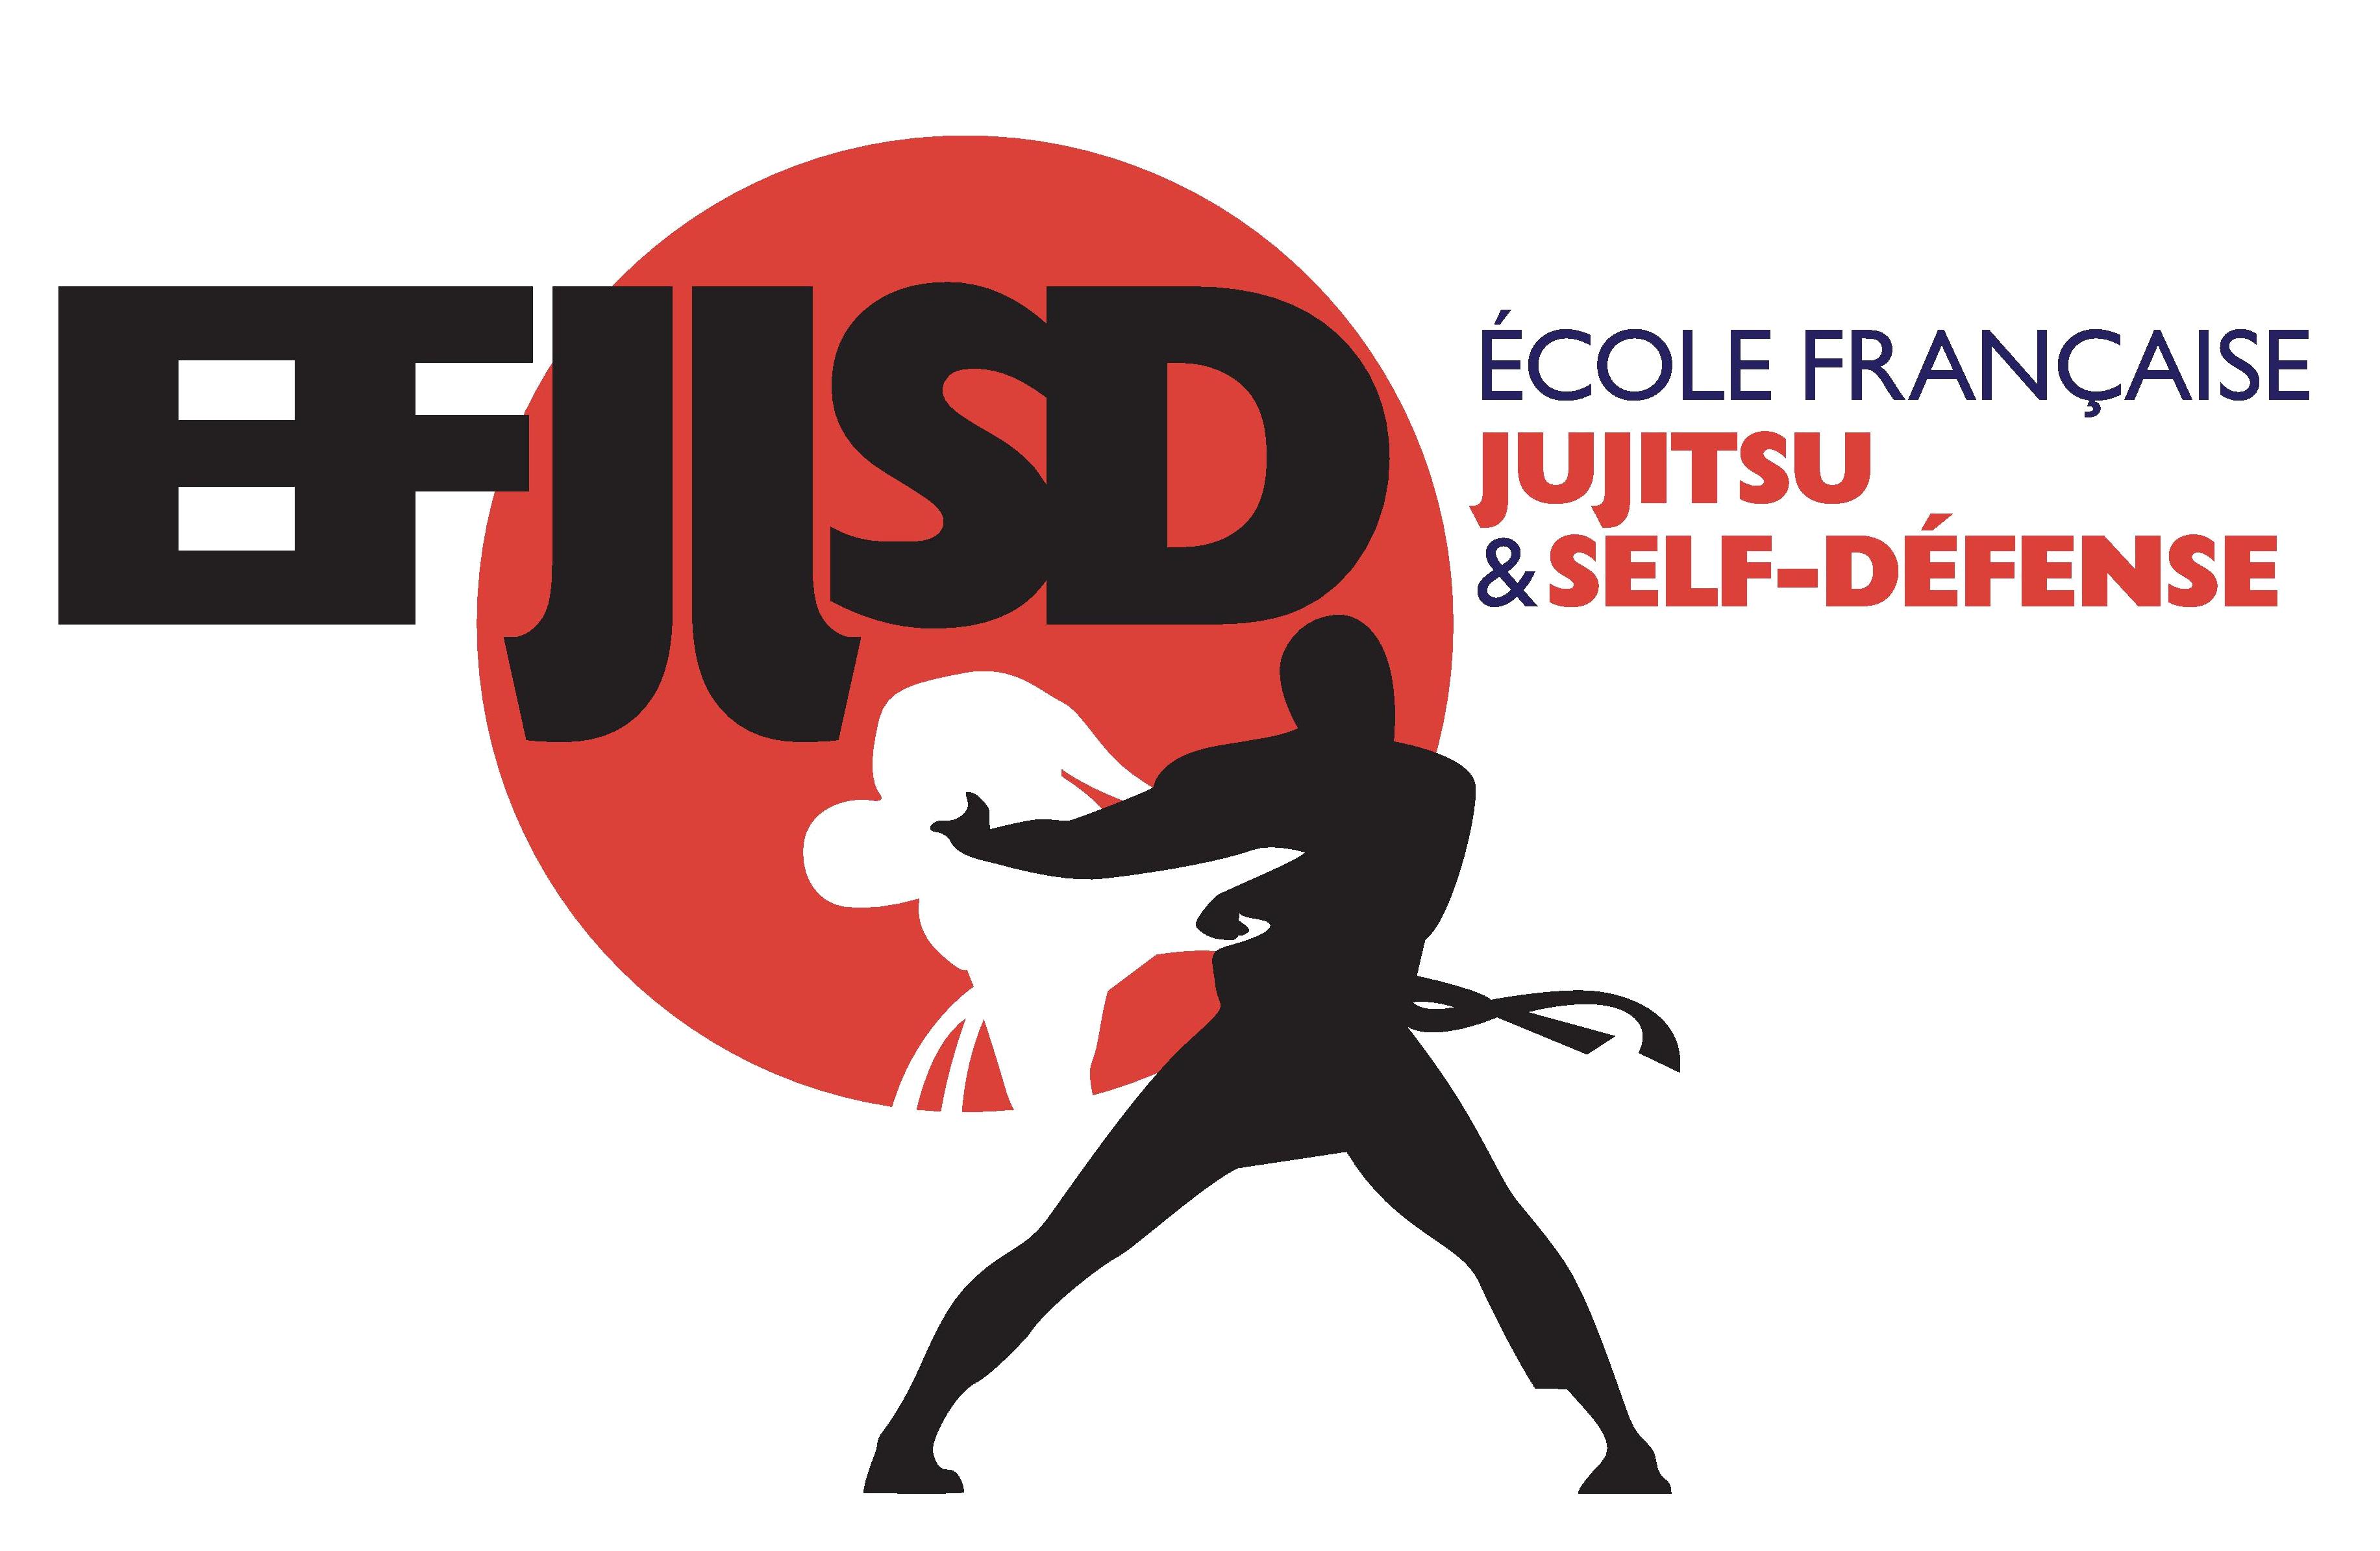 logo-efjjsd-fond-transparent